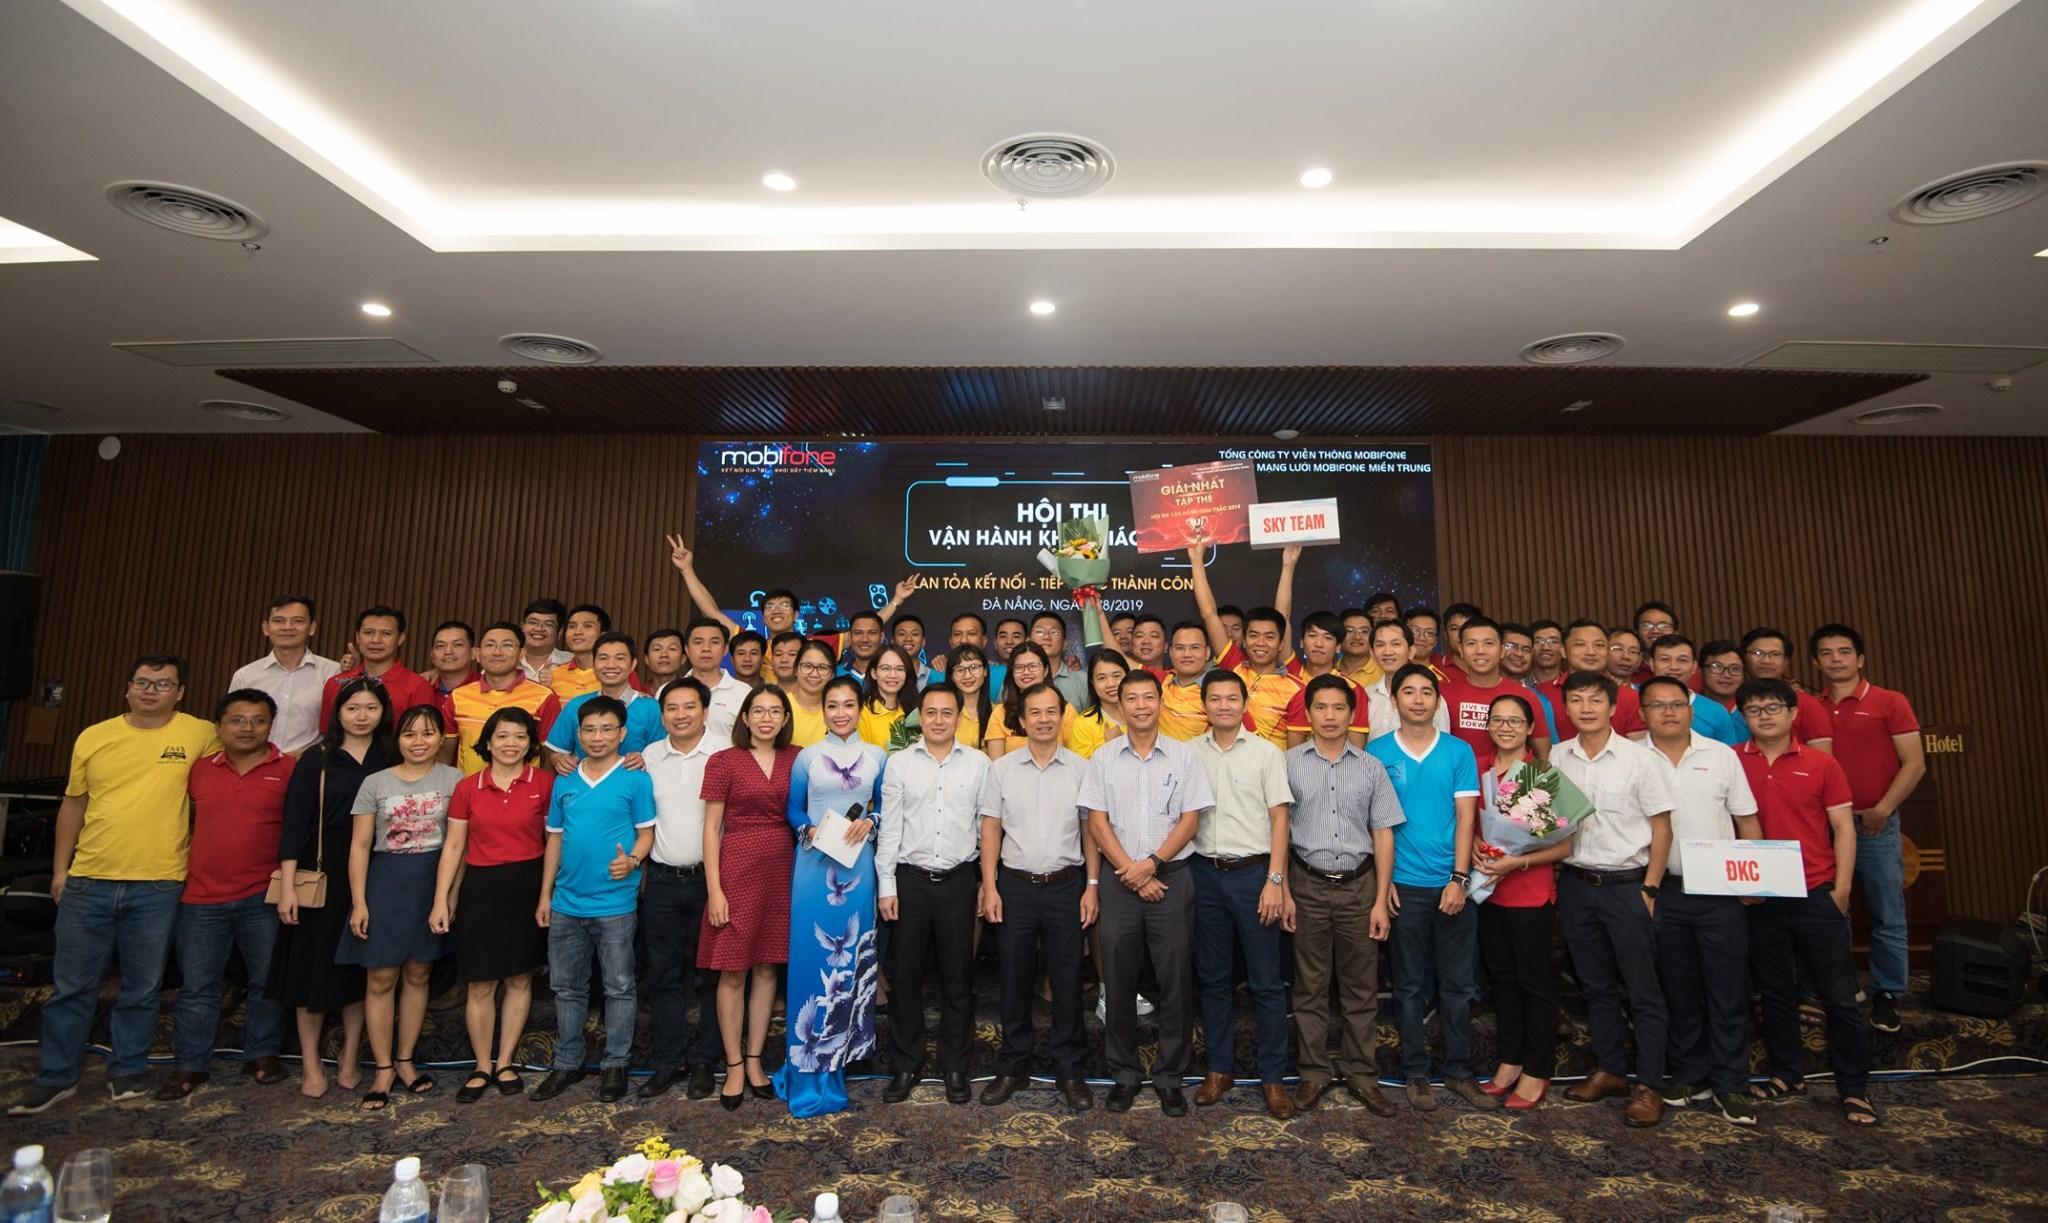 Việc làm đang tuyển dụng tại Trung Tâm Mạng Lưới MobiFone Miền Trung - Chi Nhánh Tổng Công Ty Viễn Thông MobiFone